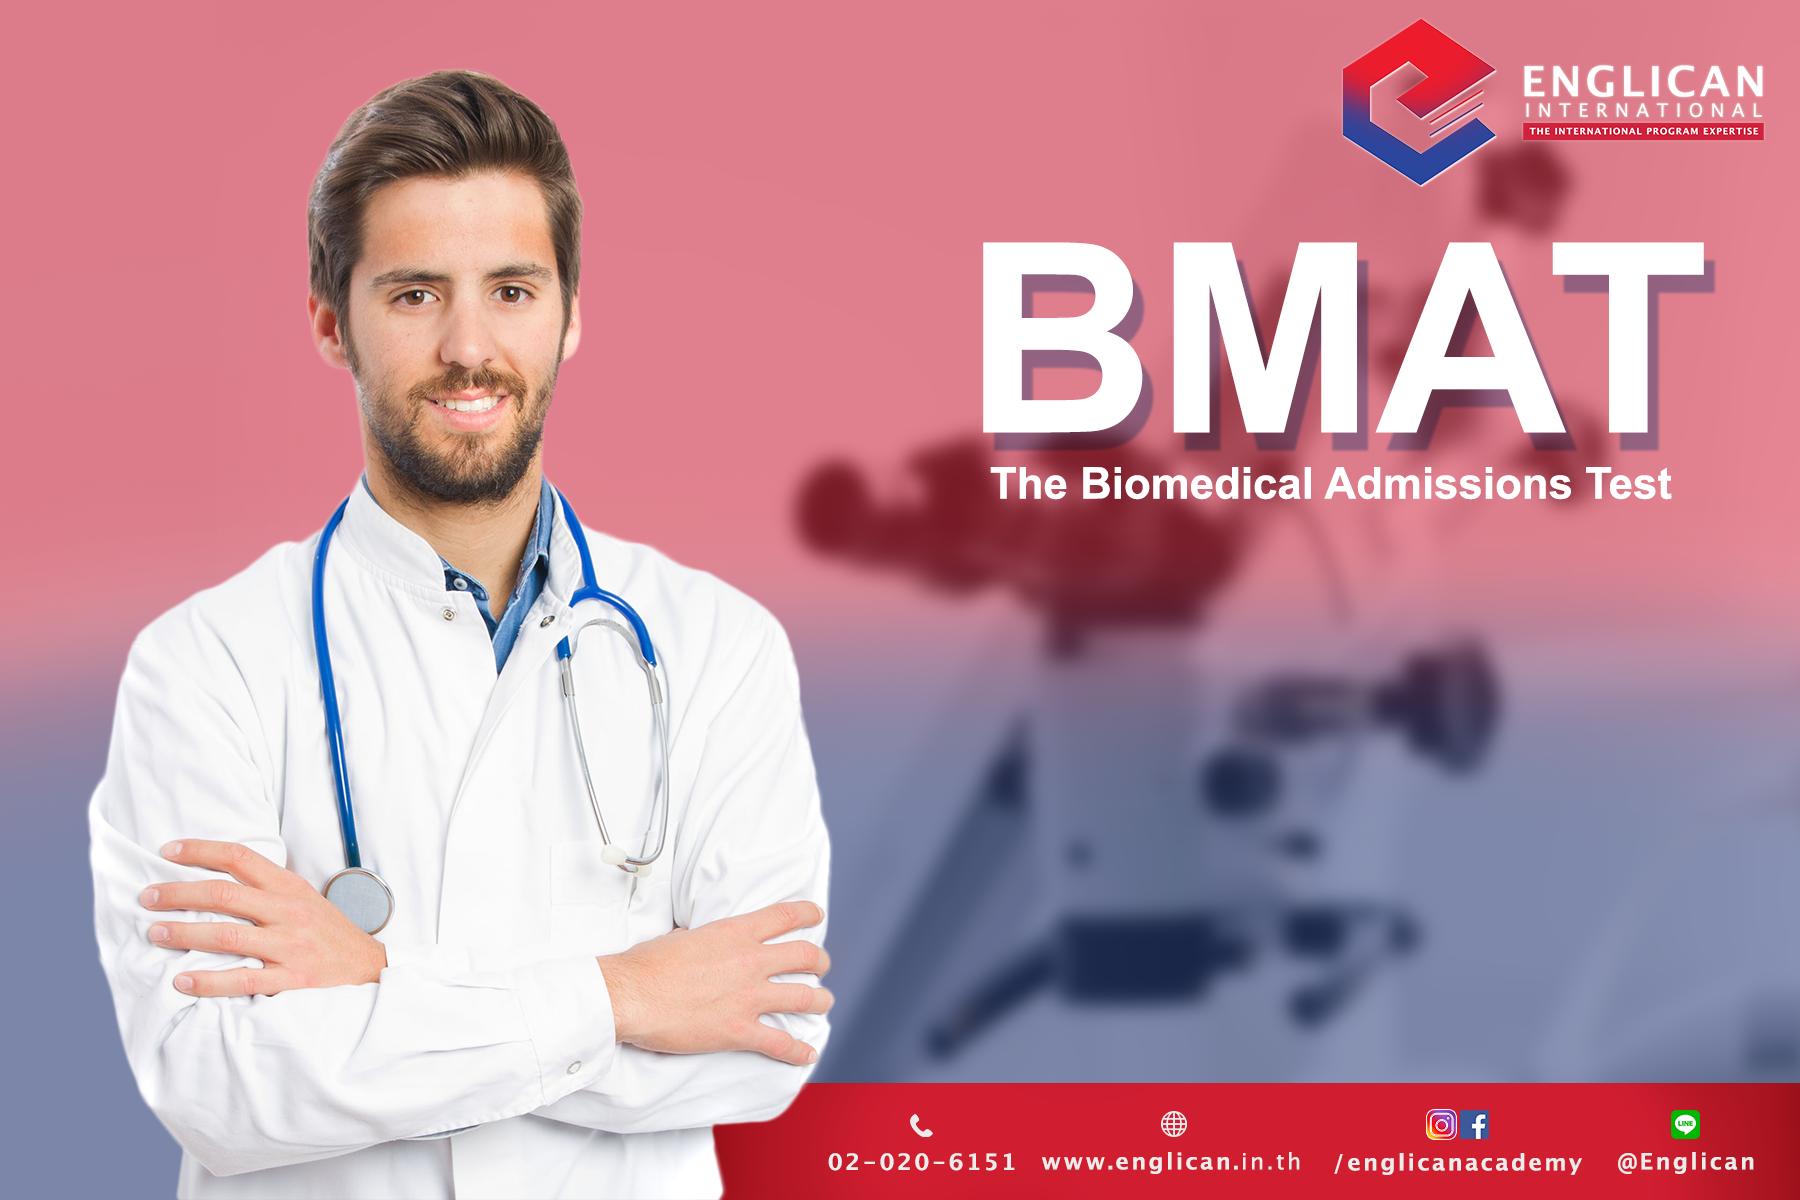 เรียน BMAT ที่ Englican